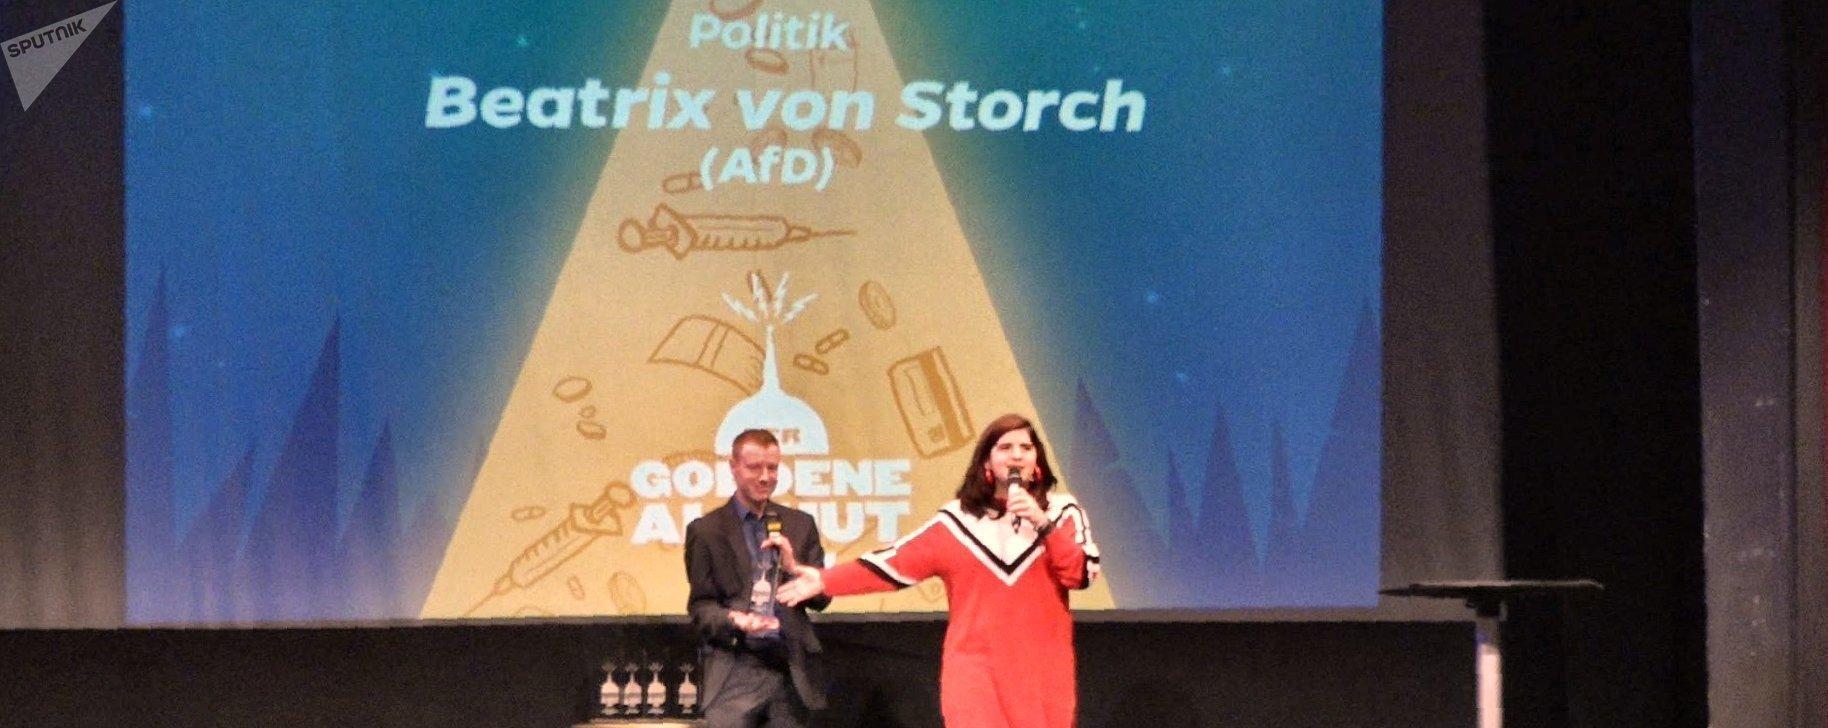 La entrega del premio a la vicepresidenta del Alternativa para Alemania, Beatrix von Storch, quien no se presentó en la gala.